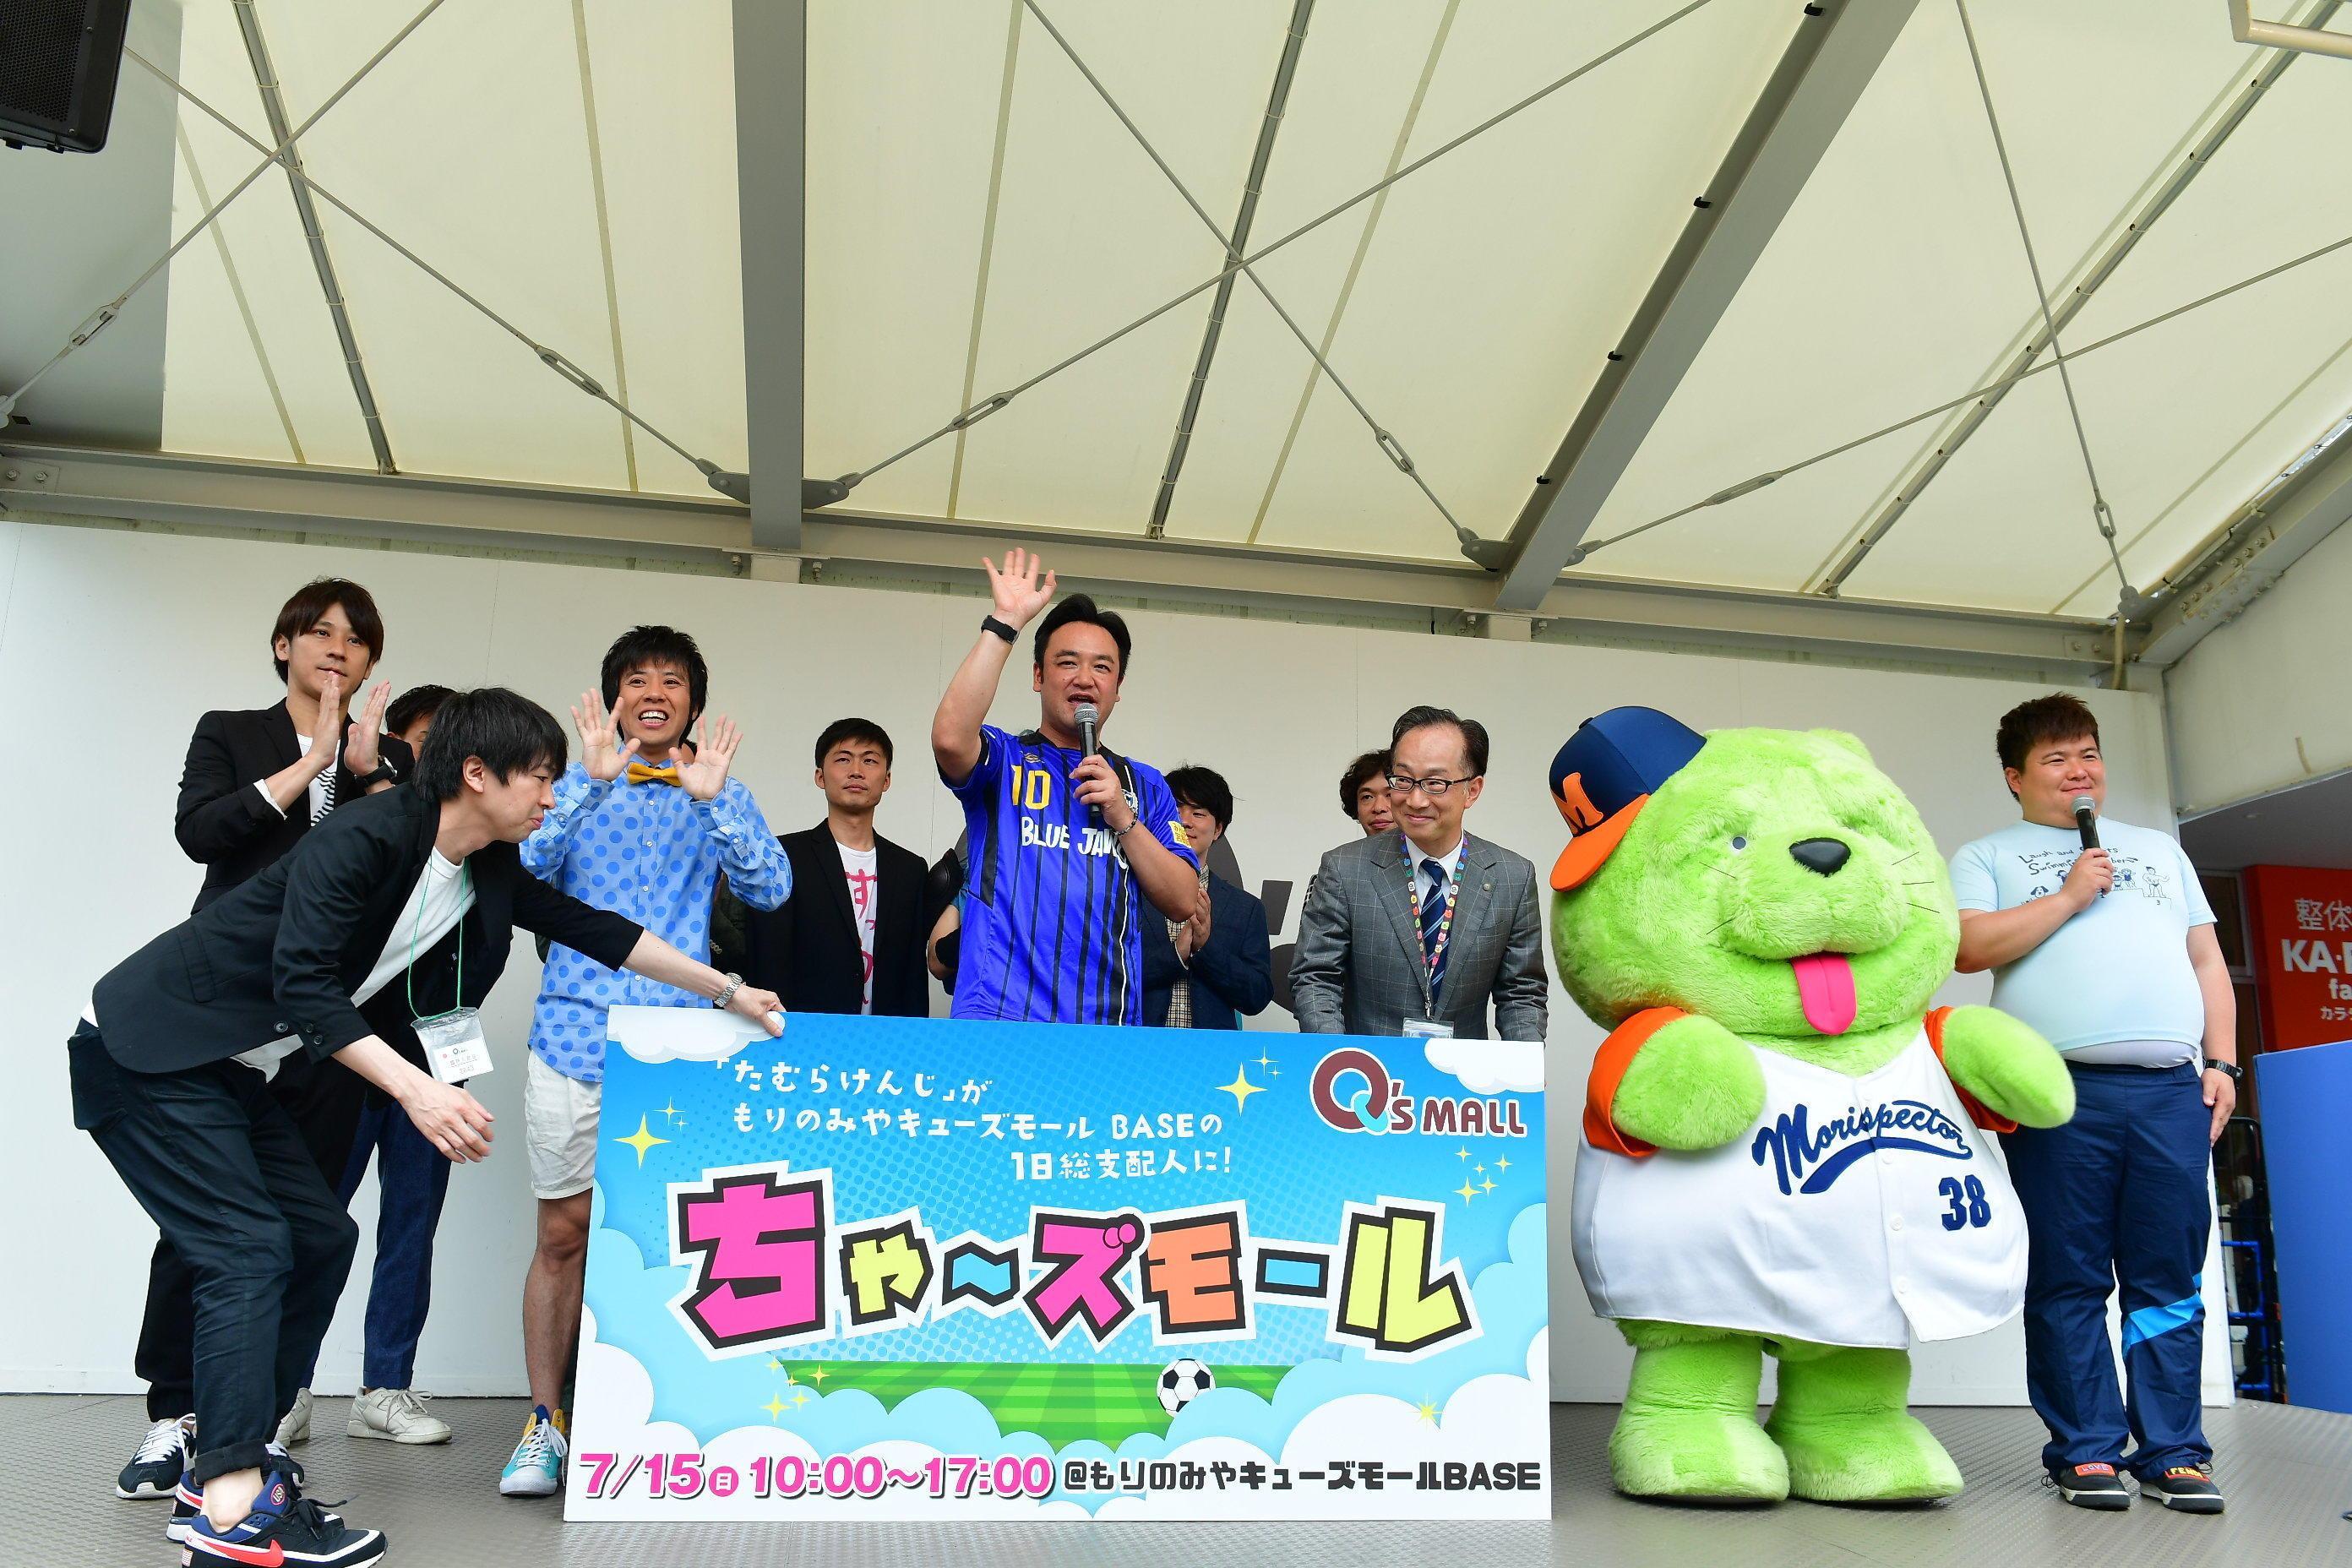 http://news.yoshimoto.co.jp/20180611144144-591eeba521c11ae11f9d503e980924748c4fa81e.jpg